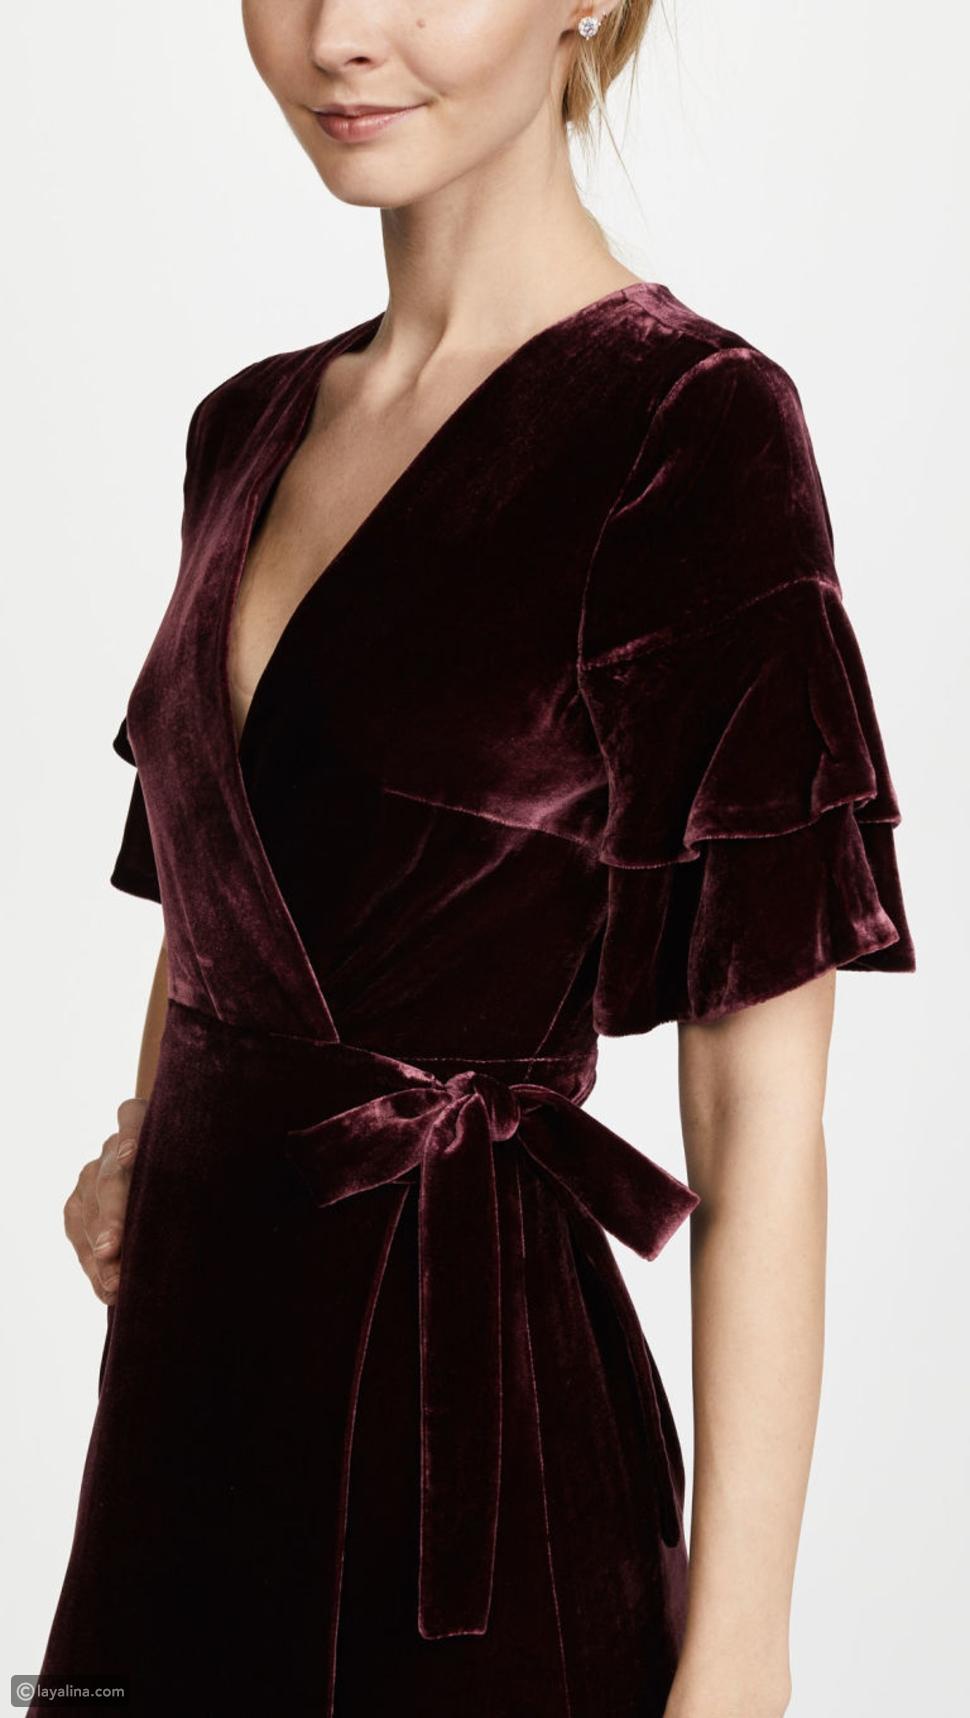 شكل فستان ميغان ماركل من الأمام وصورة واضحة تكشف تصميمه